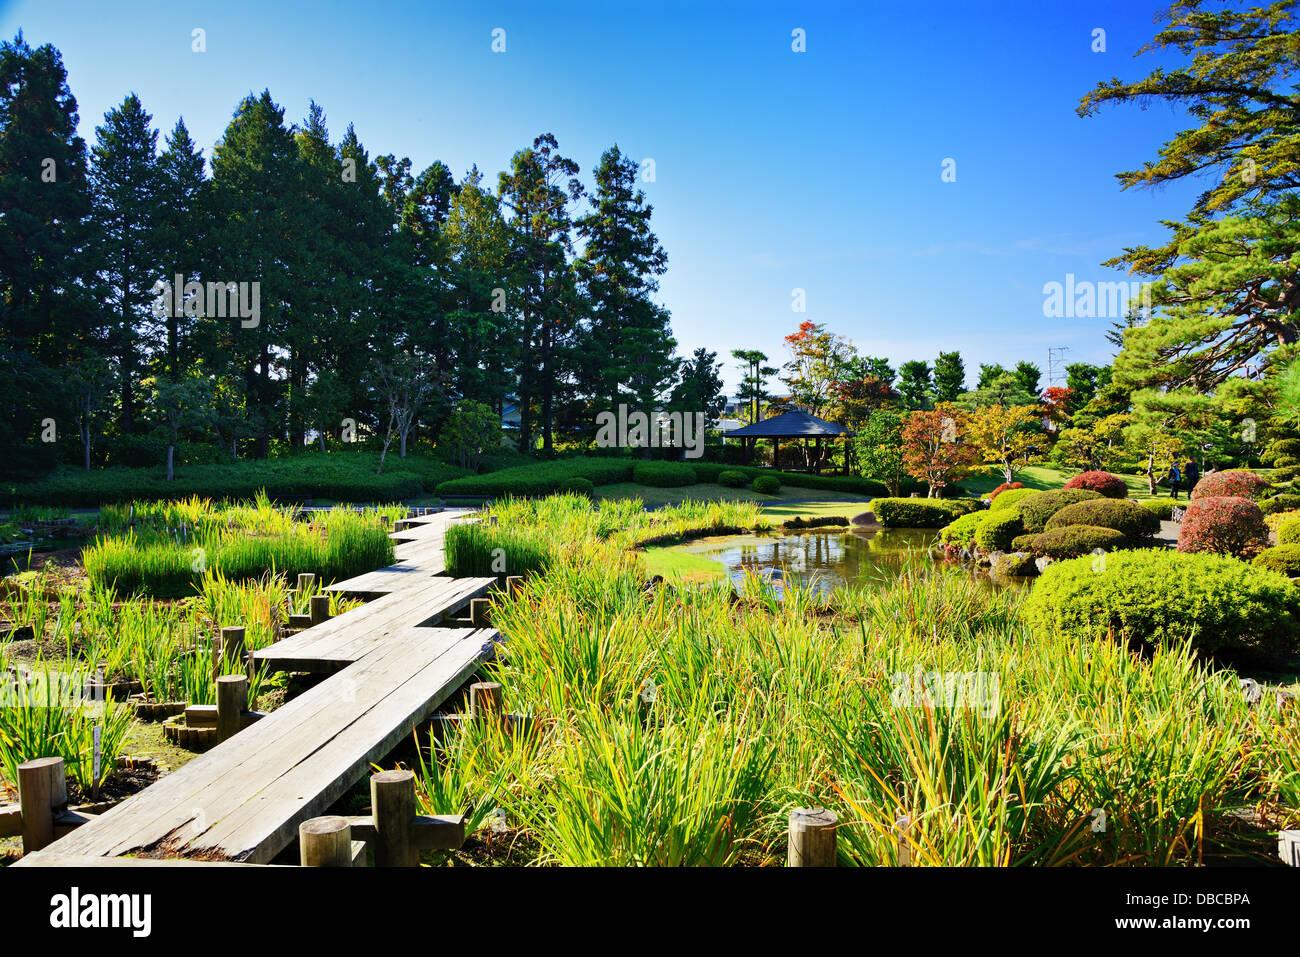 Gardens in Japan. - Stock Image